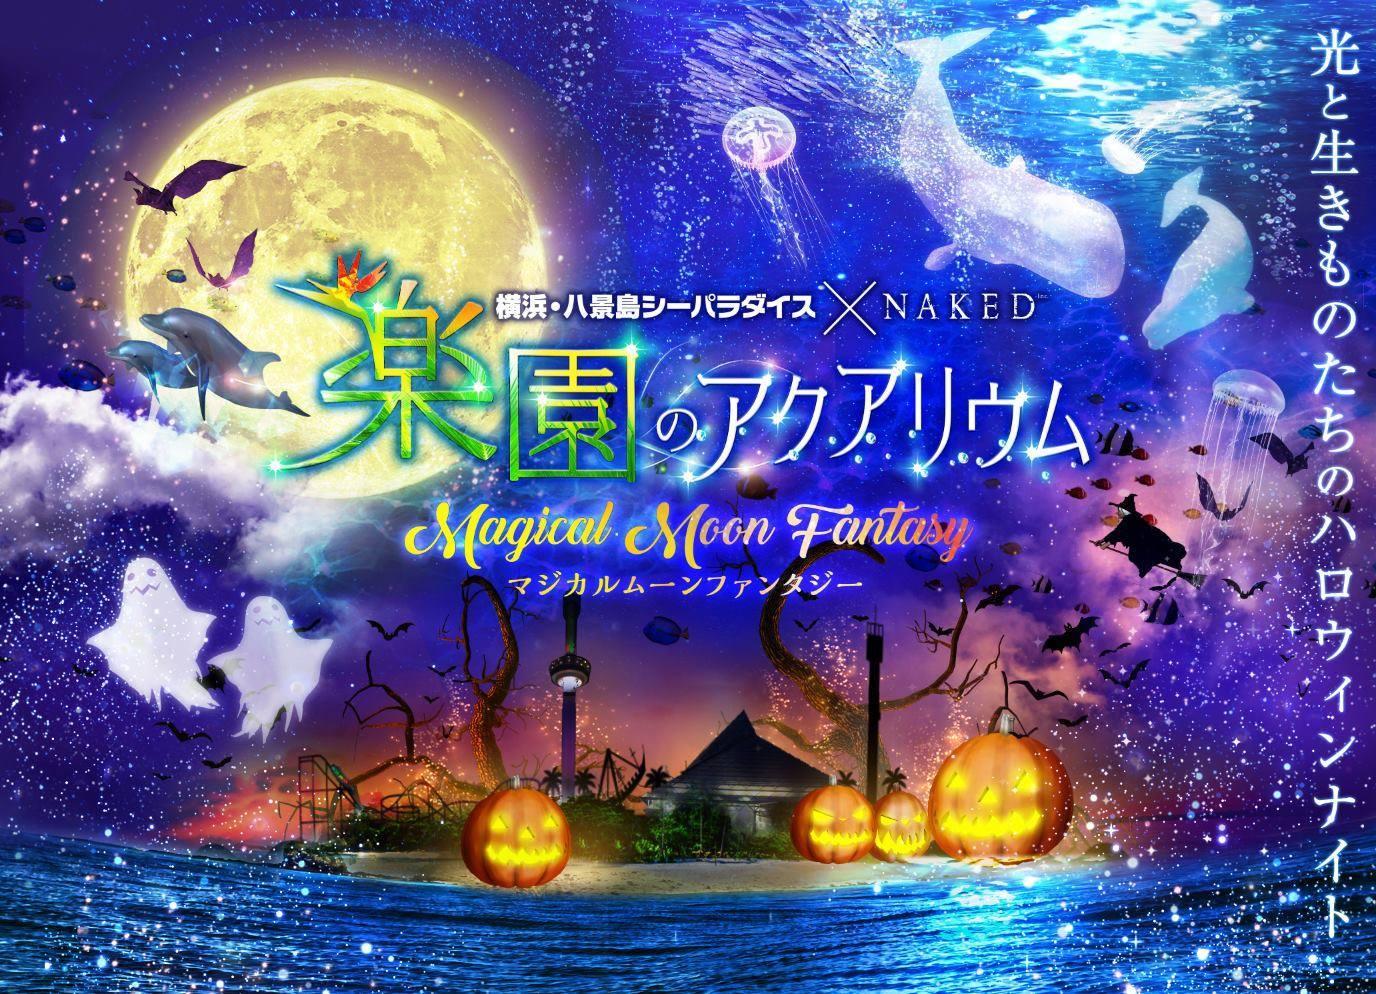 横浜・八景島シーパラダイス×NAKED Inc.『楽園のアクアリウム 〜マジカルムーンファンタジー〜』